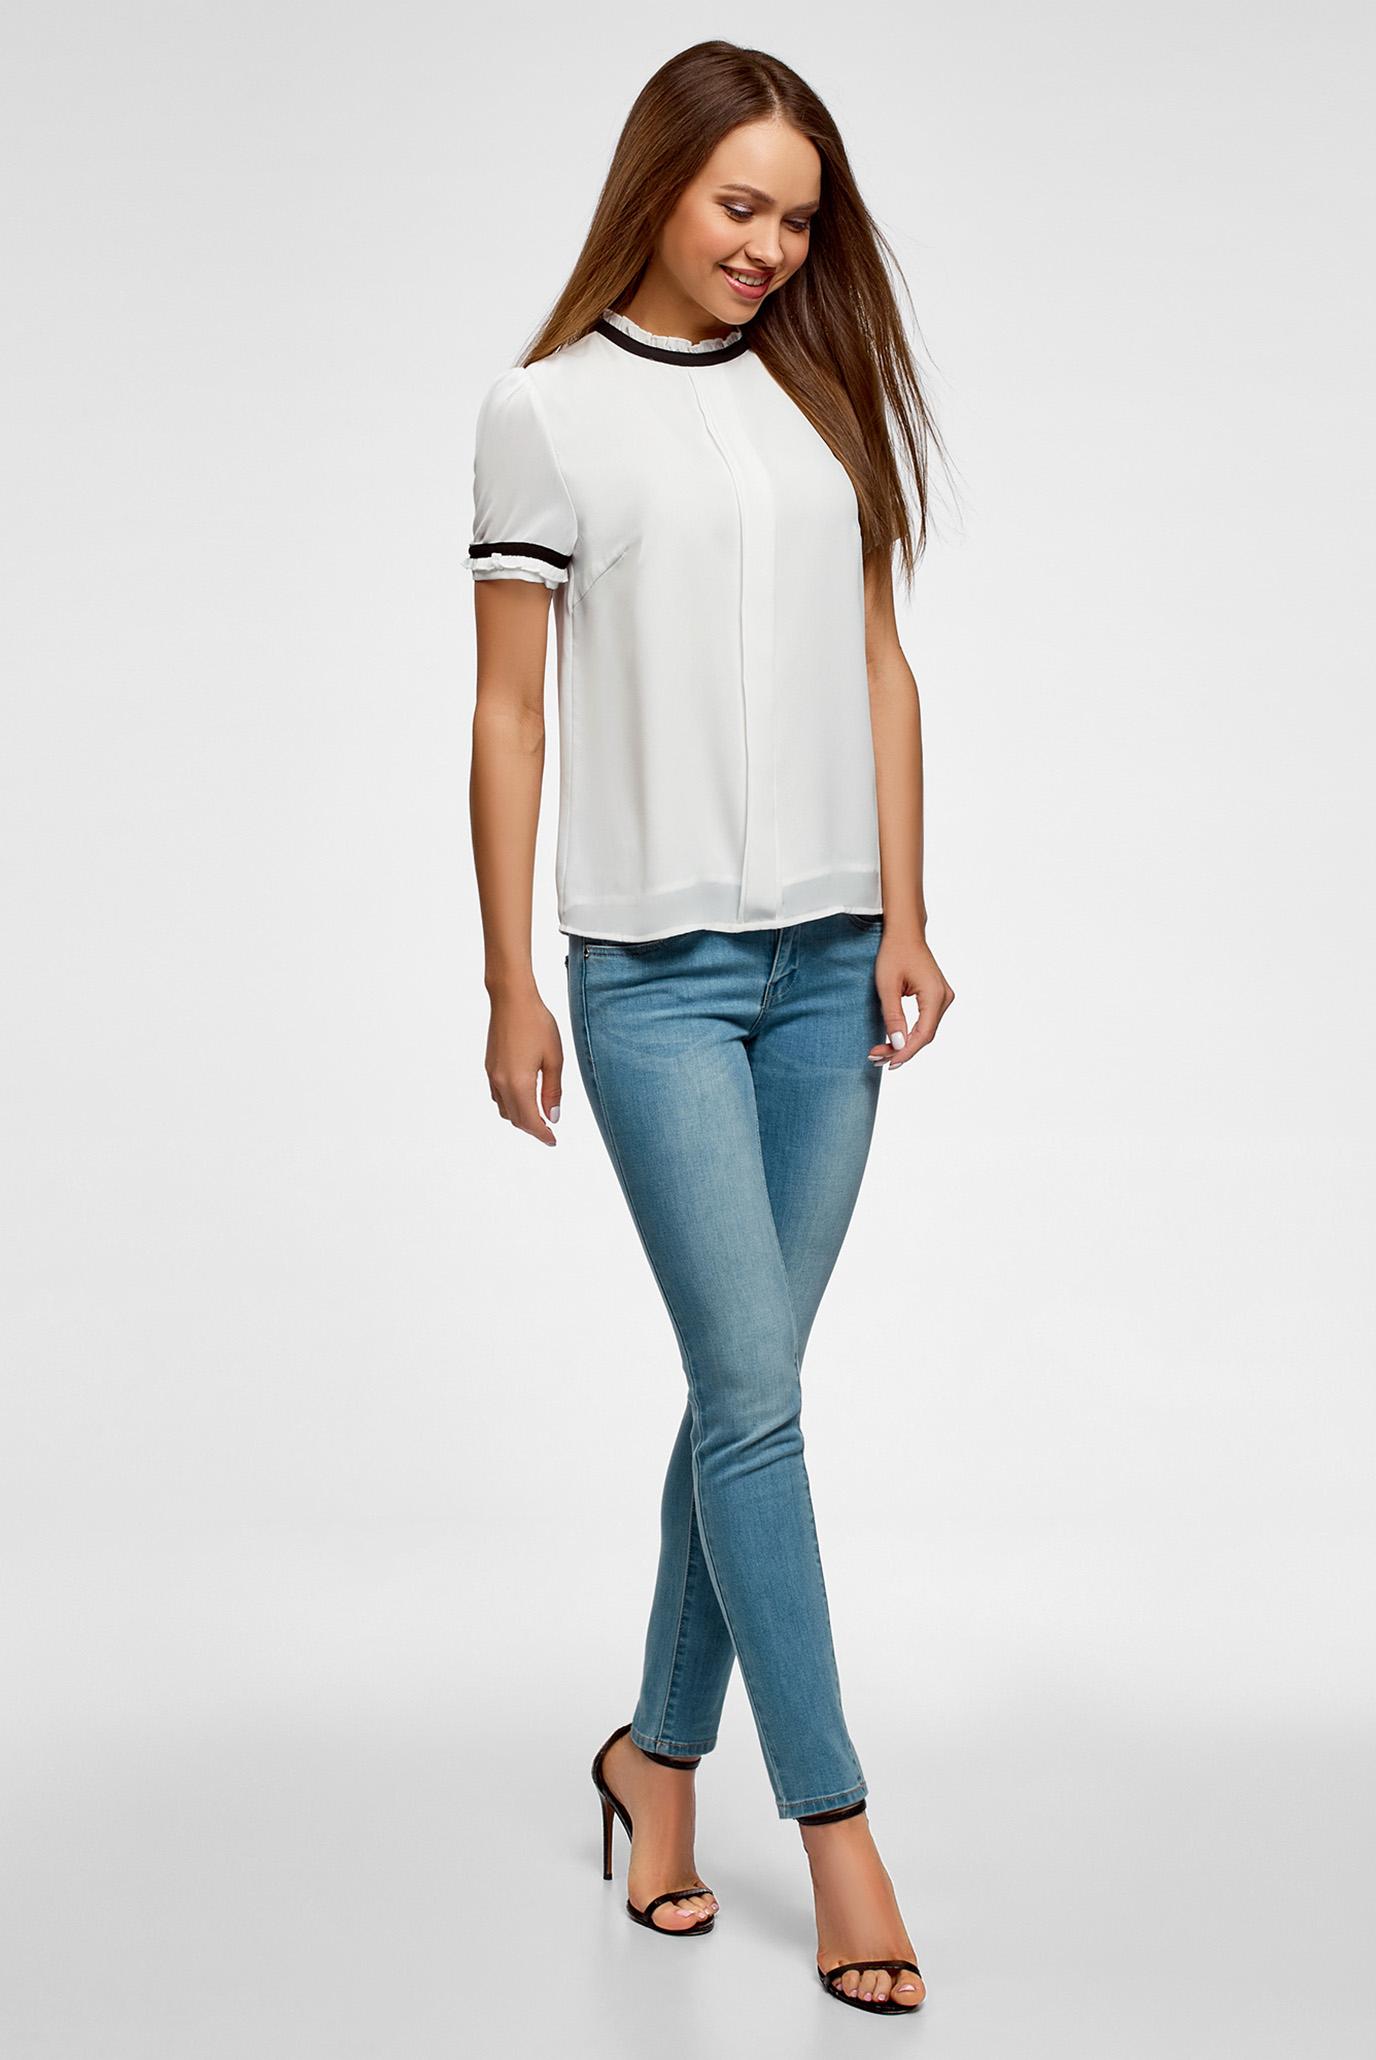 Купить Женская белая блуза Oodji Oodji 11401272/36215/1200B – Киев, Украина. Цены в интернет магазине MD Fashion